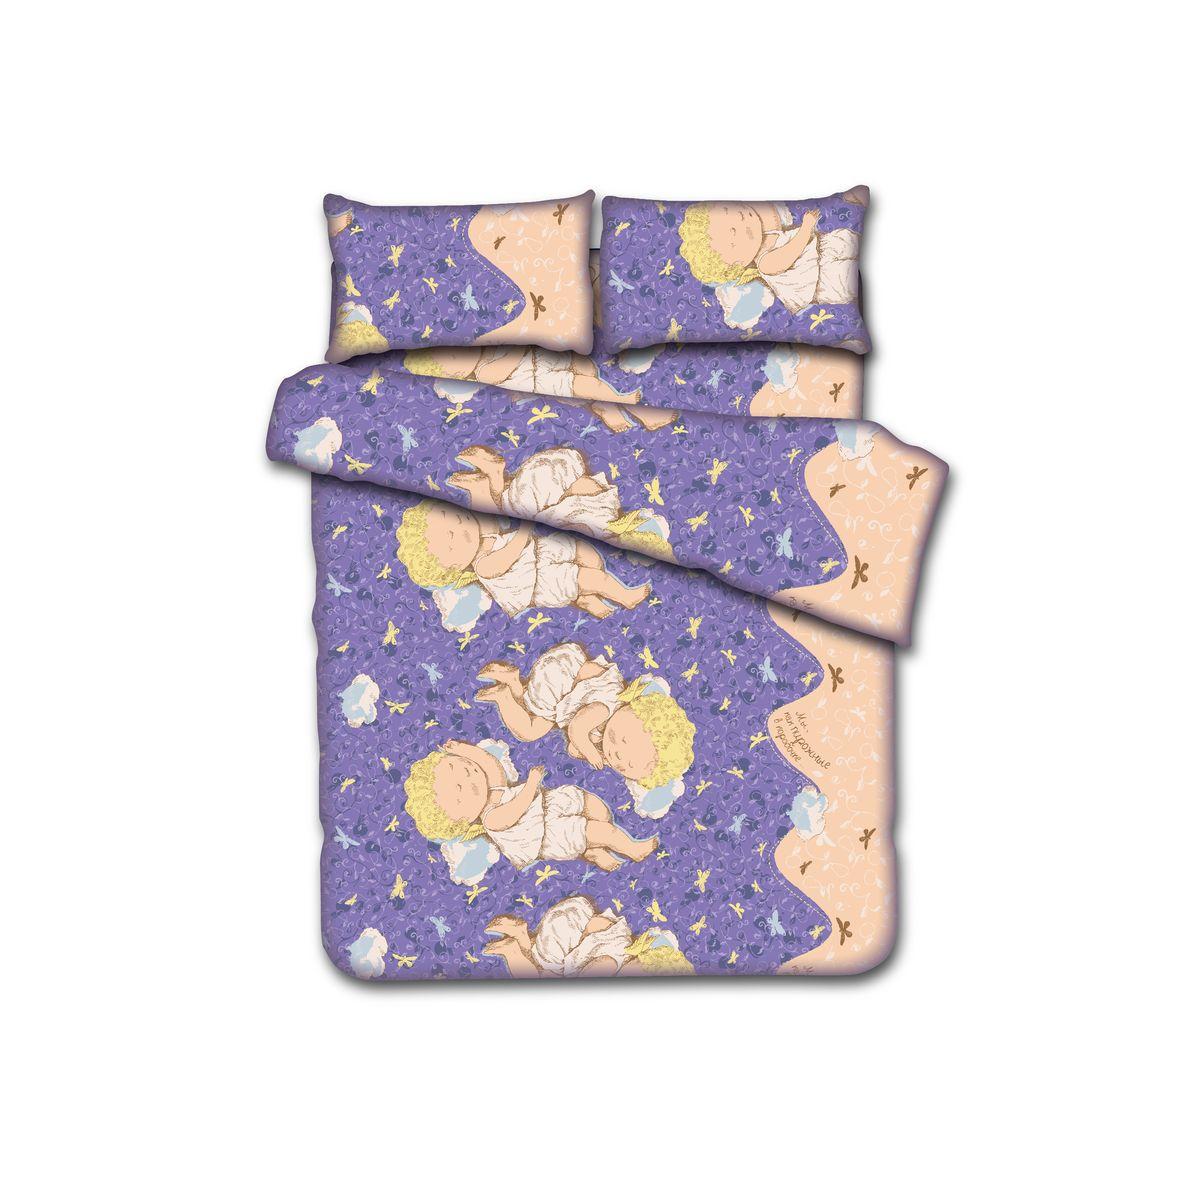 КПБ 1,5сп. GAPCHINSKA, 100% хлопок, диз. Мы, как пирожные в коробочке…, цвет - фиолетовый (нав. 50х70см-2шт)15п-1MRКомплект постельного белья GAPCHINSKA является великолепным подарком с эксклюзивным дизайном от Евгении Гапчинской. В ее рисунки влюблен весь мир, их стиль уникален. Белье выполнено из натурального хлопка.